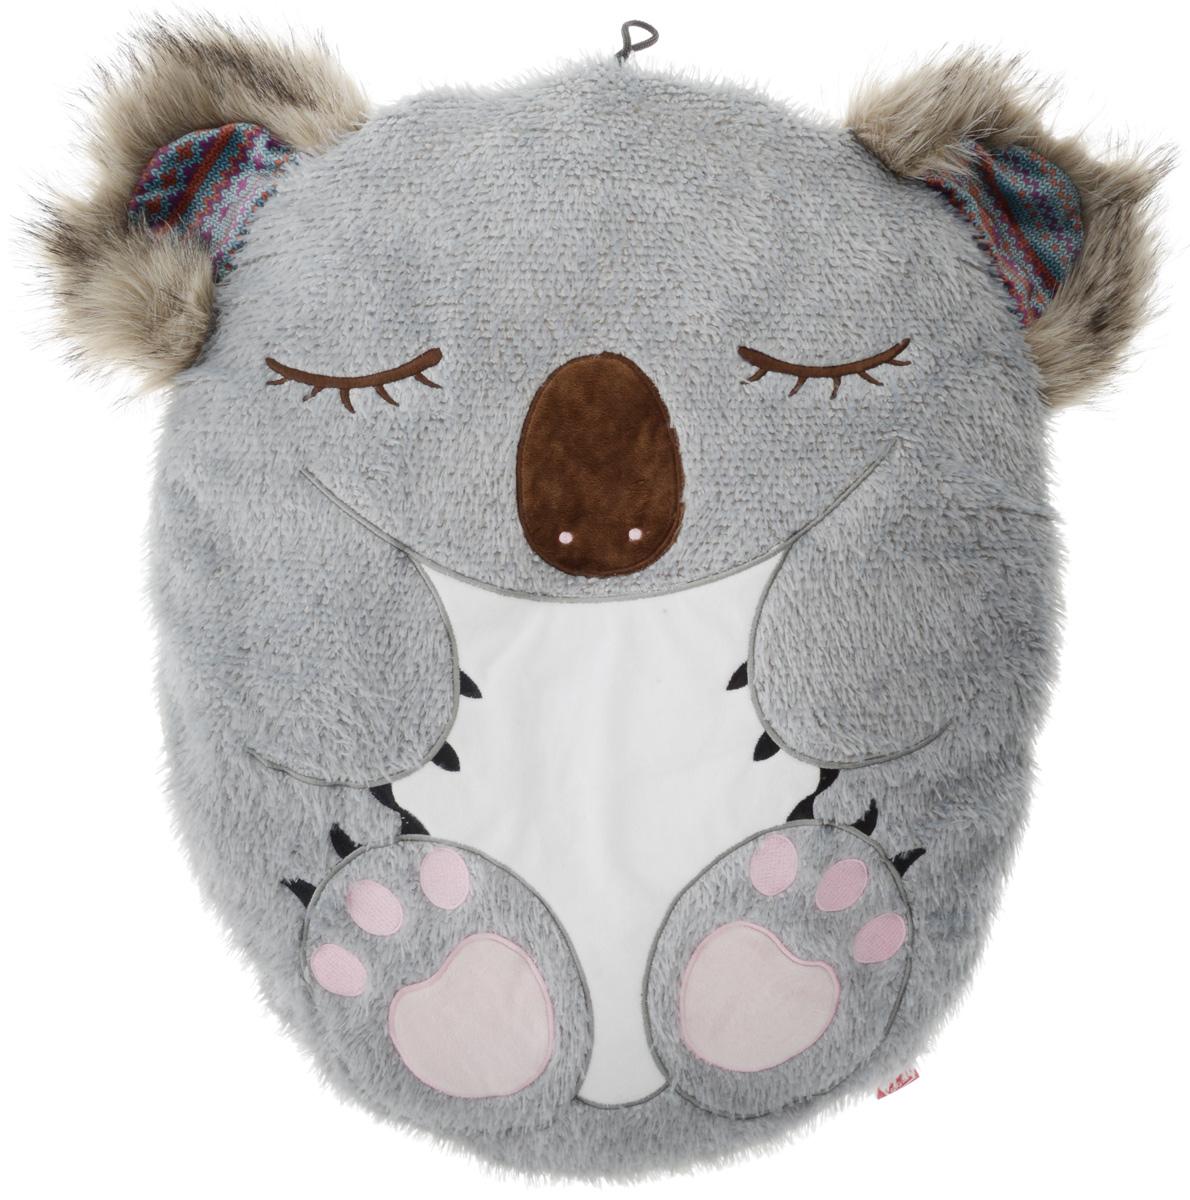 Лежак для собак GiGwi Коала, 53 х 45 х 6 см75314Мягкий лежак GiGwi Коала изготовлен из качественных материалов с отделкой из искусственного меха. Наполнителем служит мягкий синтепон. Такой материал не теряет своей формы долгое время. Оформлен лежак в виде коалы. За изделием легко ухаживать, его можно стирать вручную. Мягкий лежак станет излюбленным местом вашего питомца, подарит ему спокойный и комфортный сон, а также убережет вашу мебель от шерсти. Размер: 53 х 45 х 6 см.